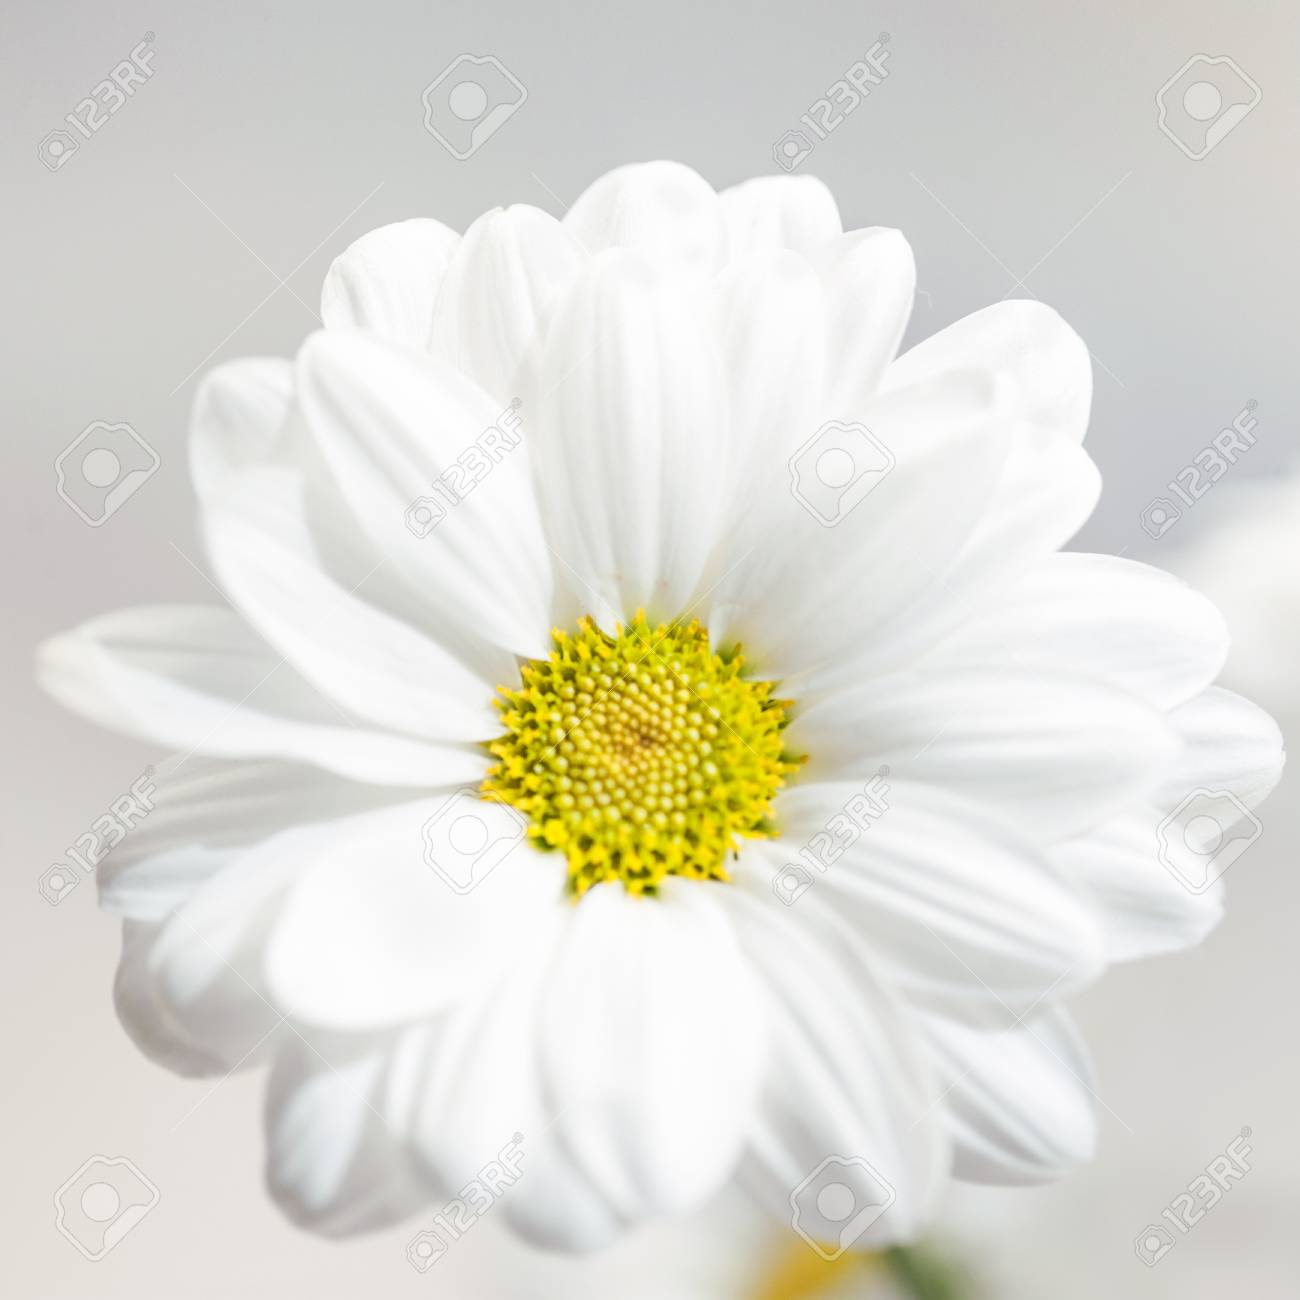 Spring Flowers Wallpaper White Gerbera Flower Or Daisy Flower